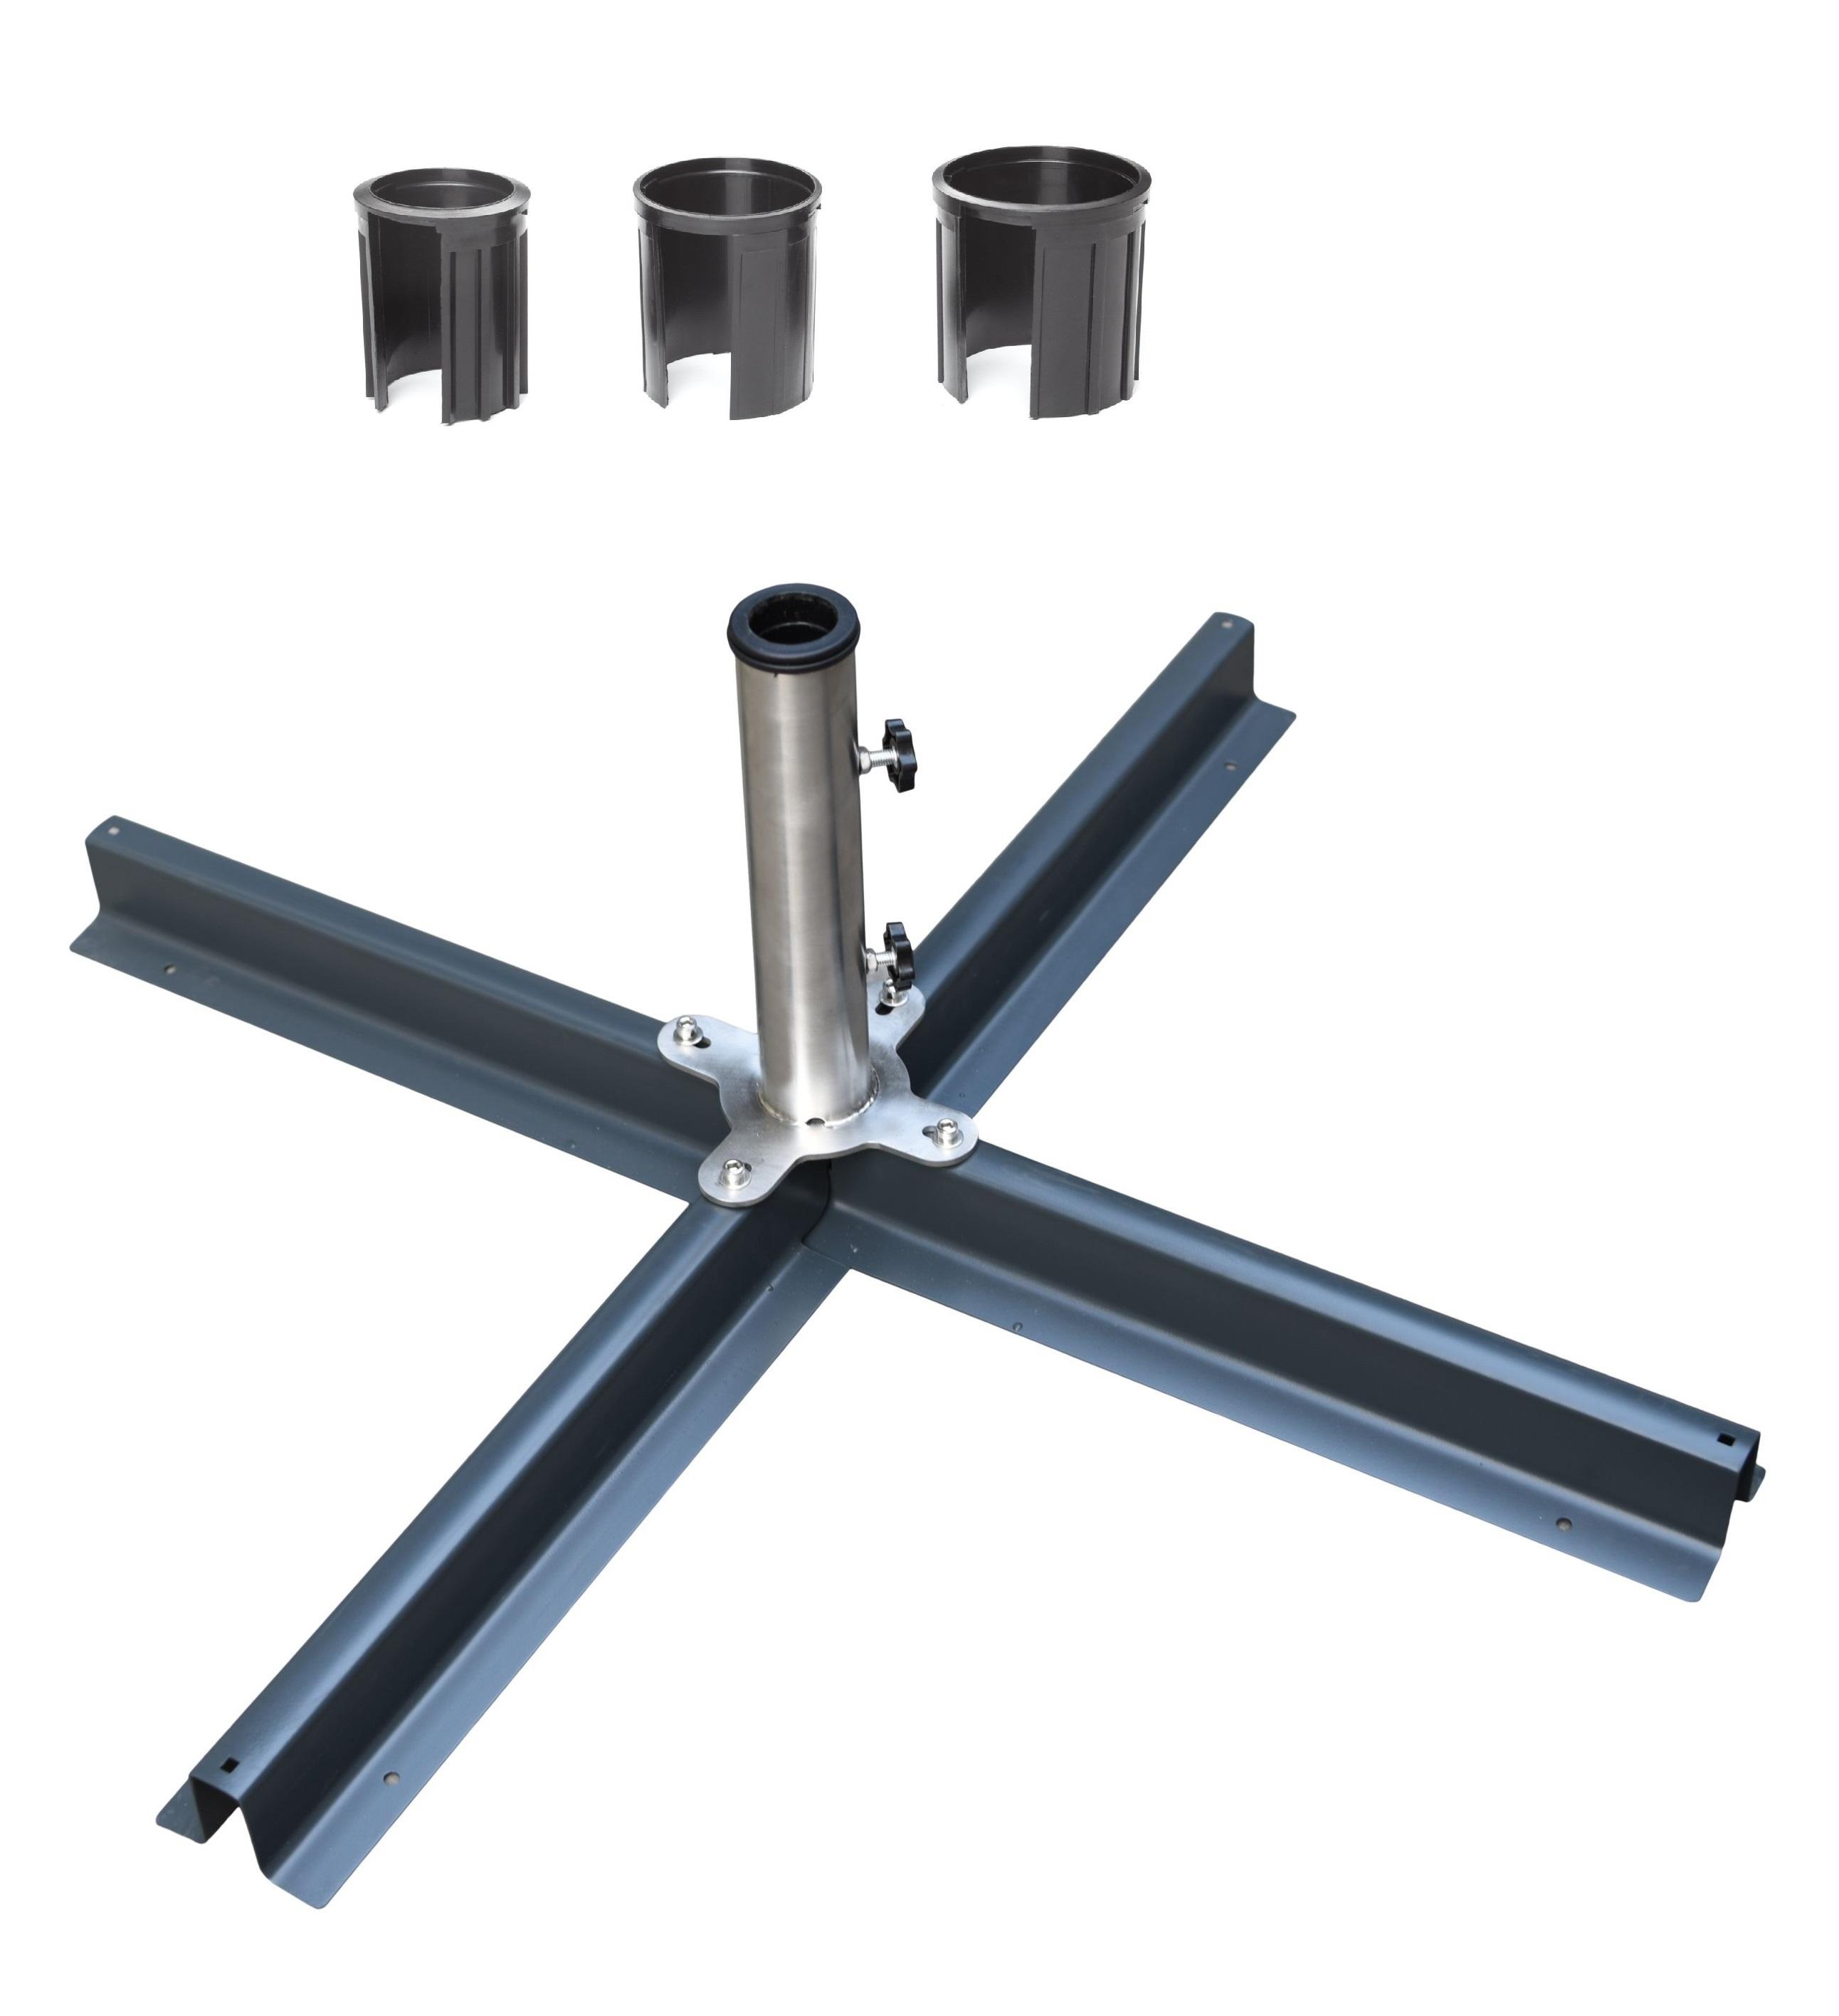 plattenst nder f r sonnenschirme inkl reduzierringe mg schirmst nder sonnenschutz. Black Bedroom Furniture Sets. Home Design Ideas